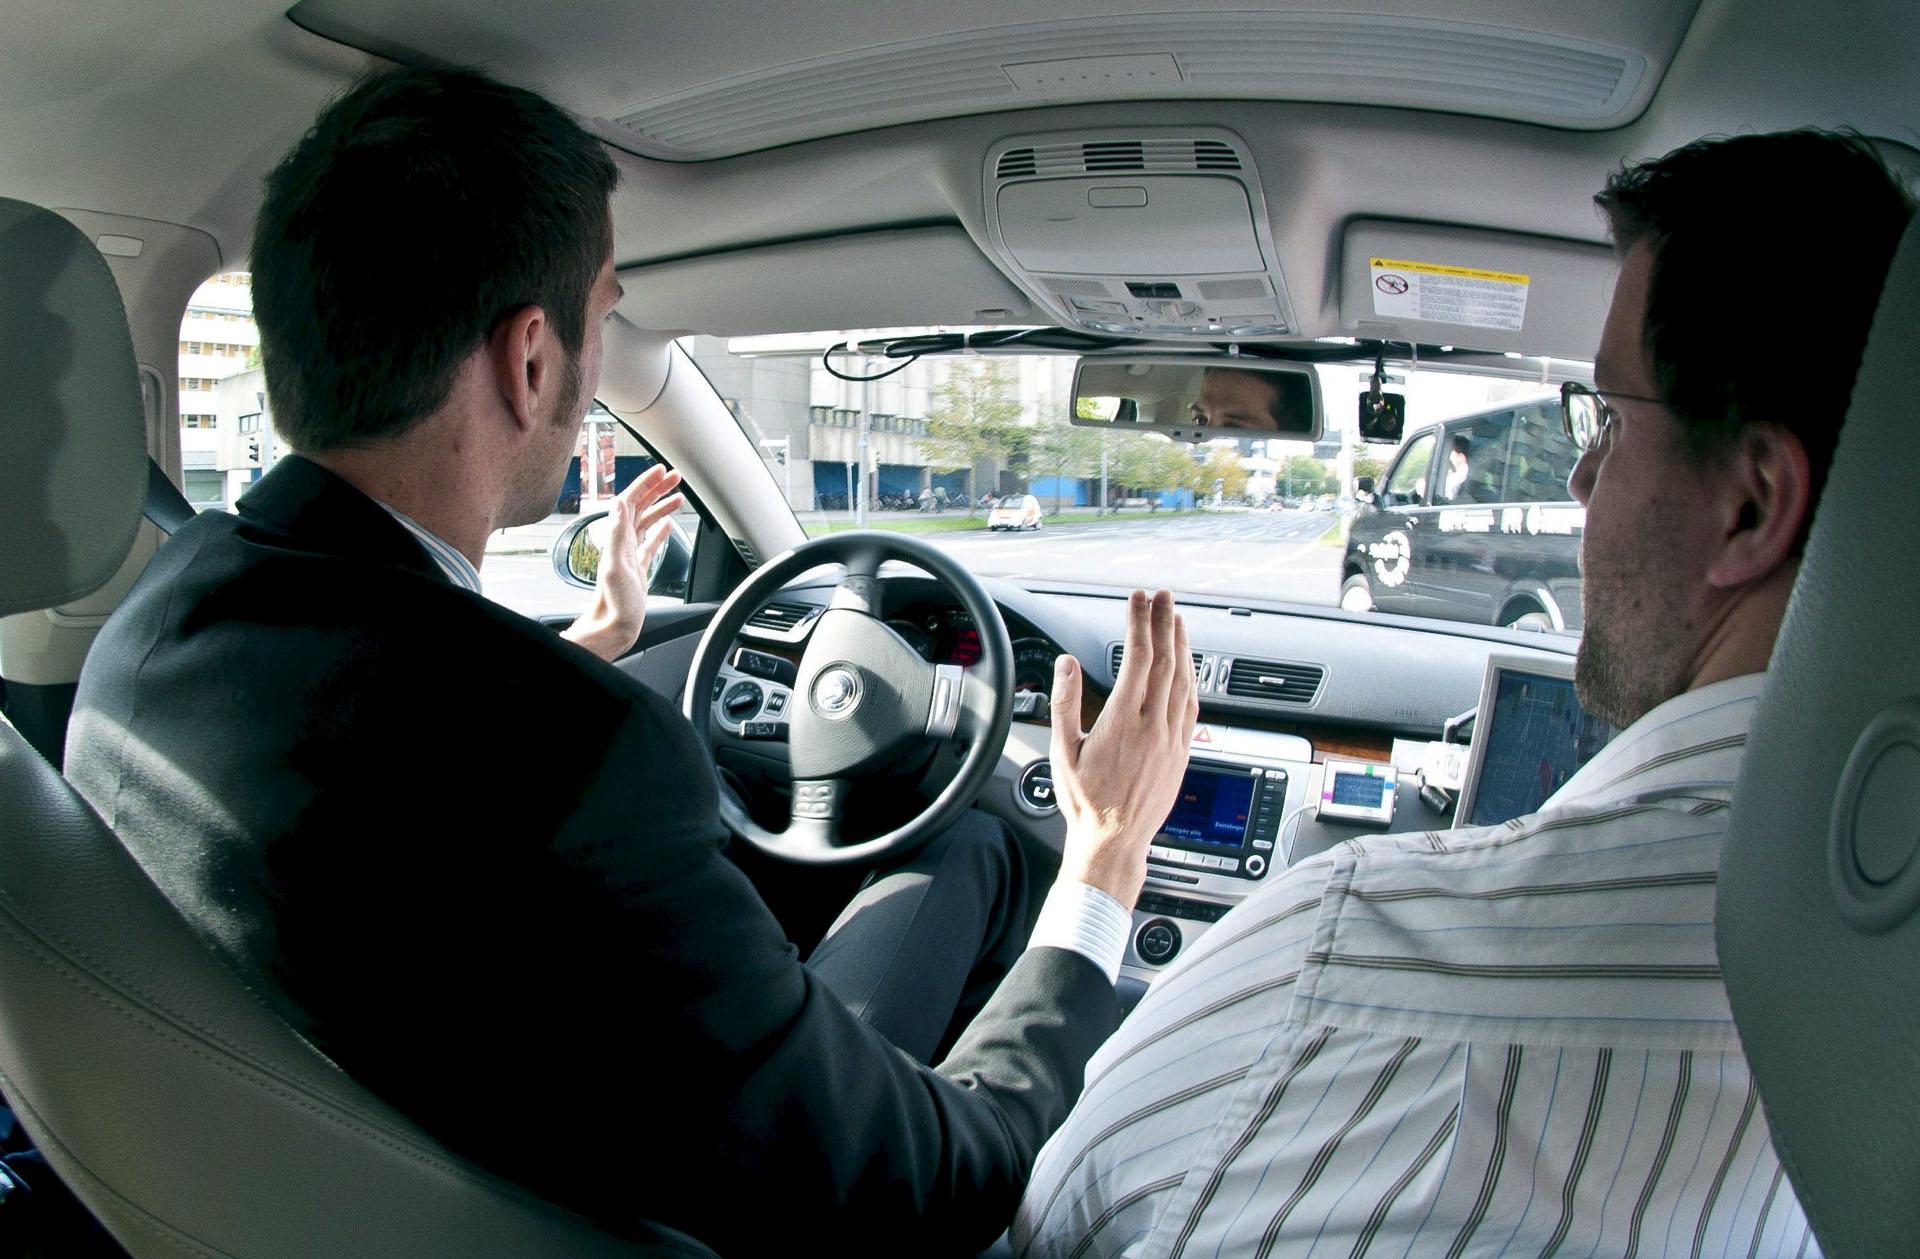 Sistema reducirá estrés en el conductor